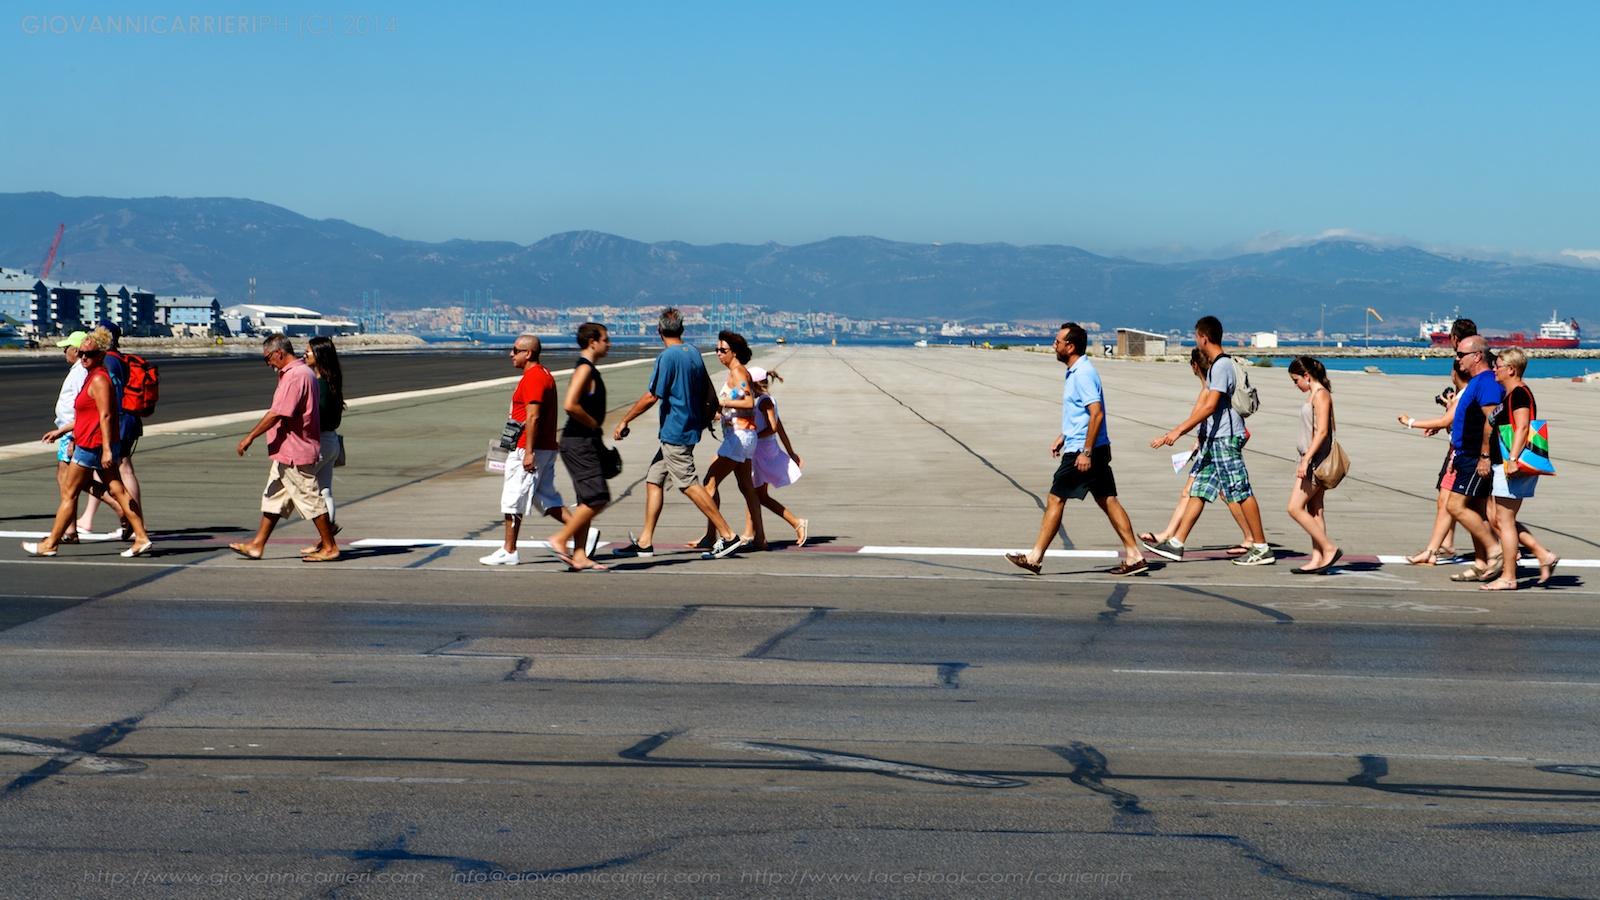 Pedoni sulla pista dell'aereoporto di Gibilterra